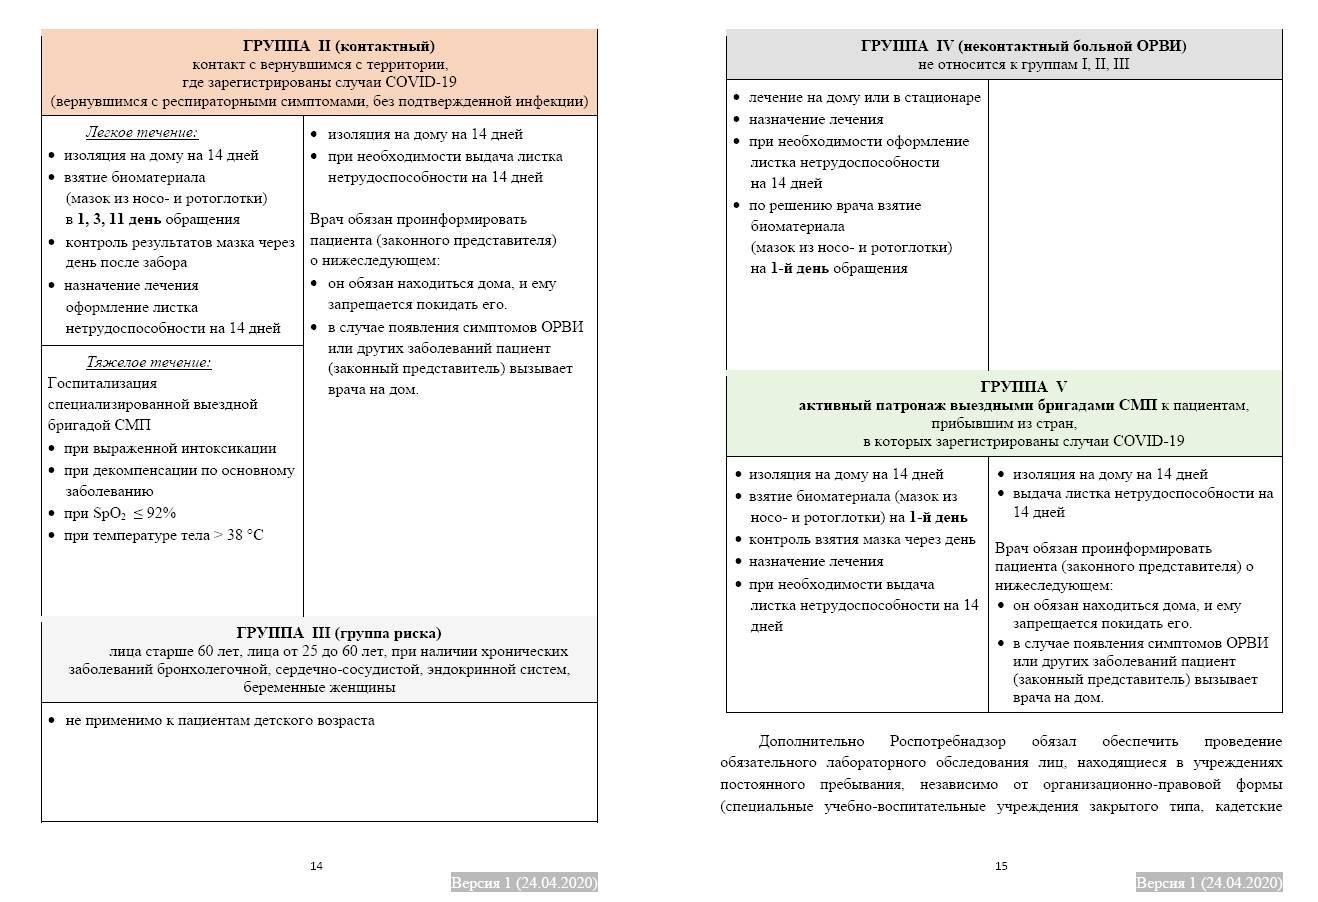 Минздрав: Методические рекомендации по лечению Covid-19 у детей